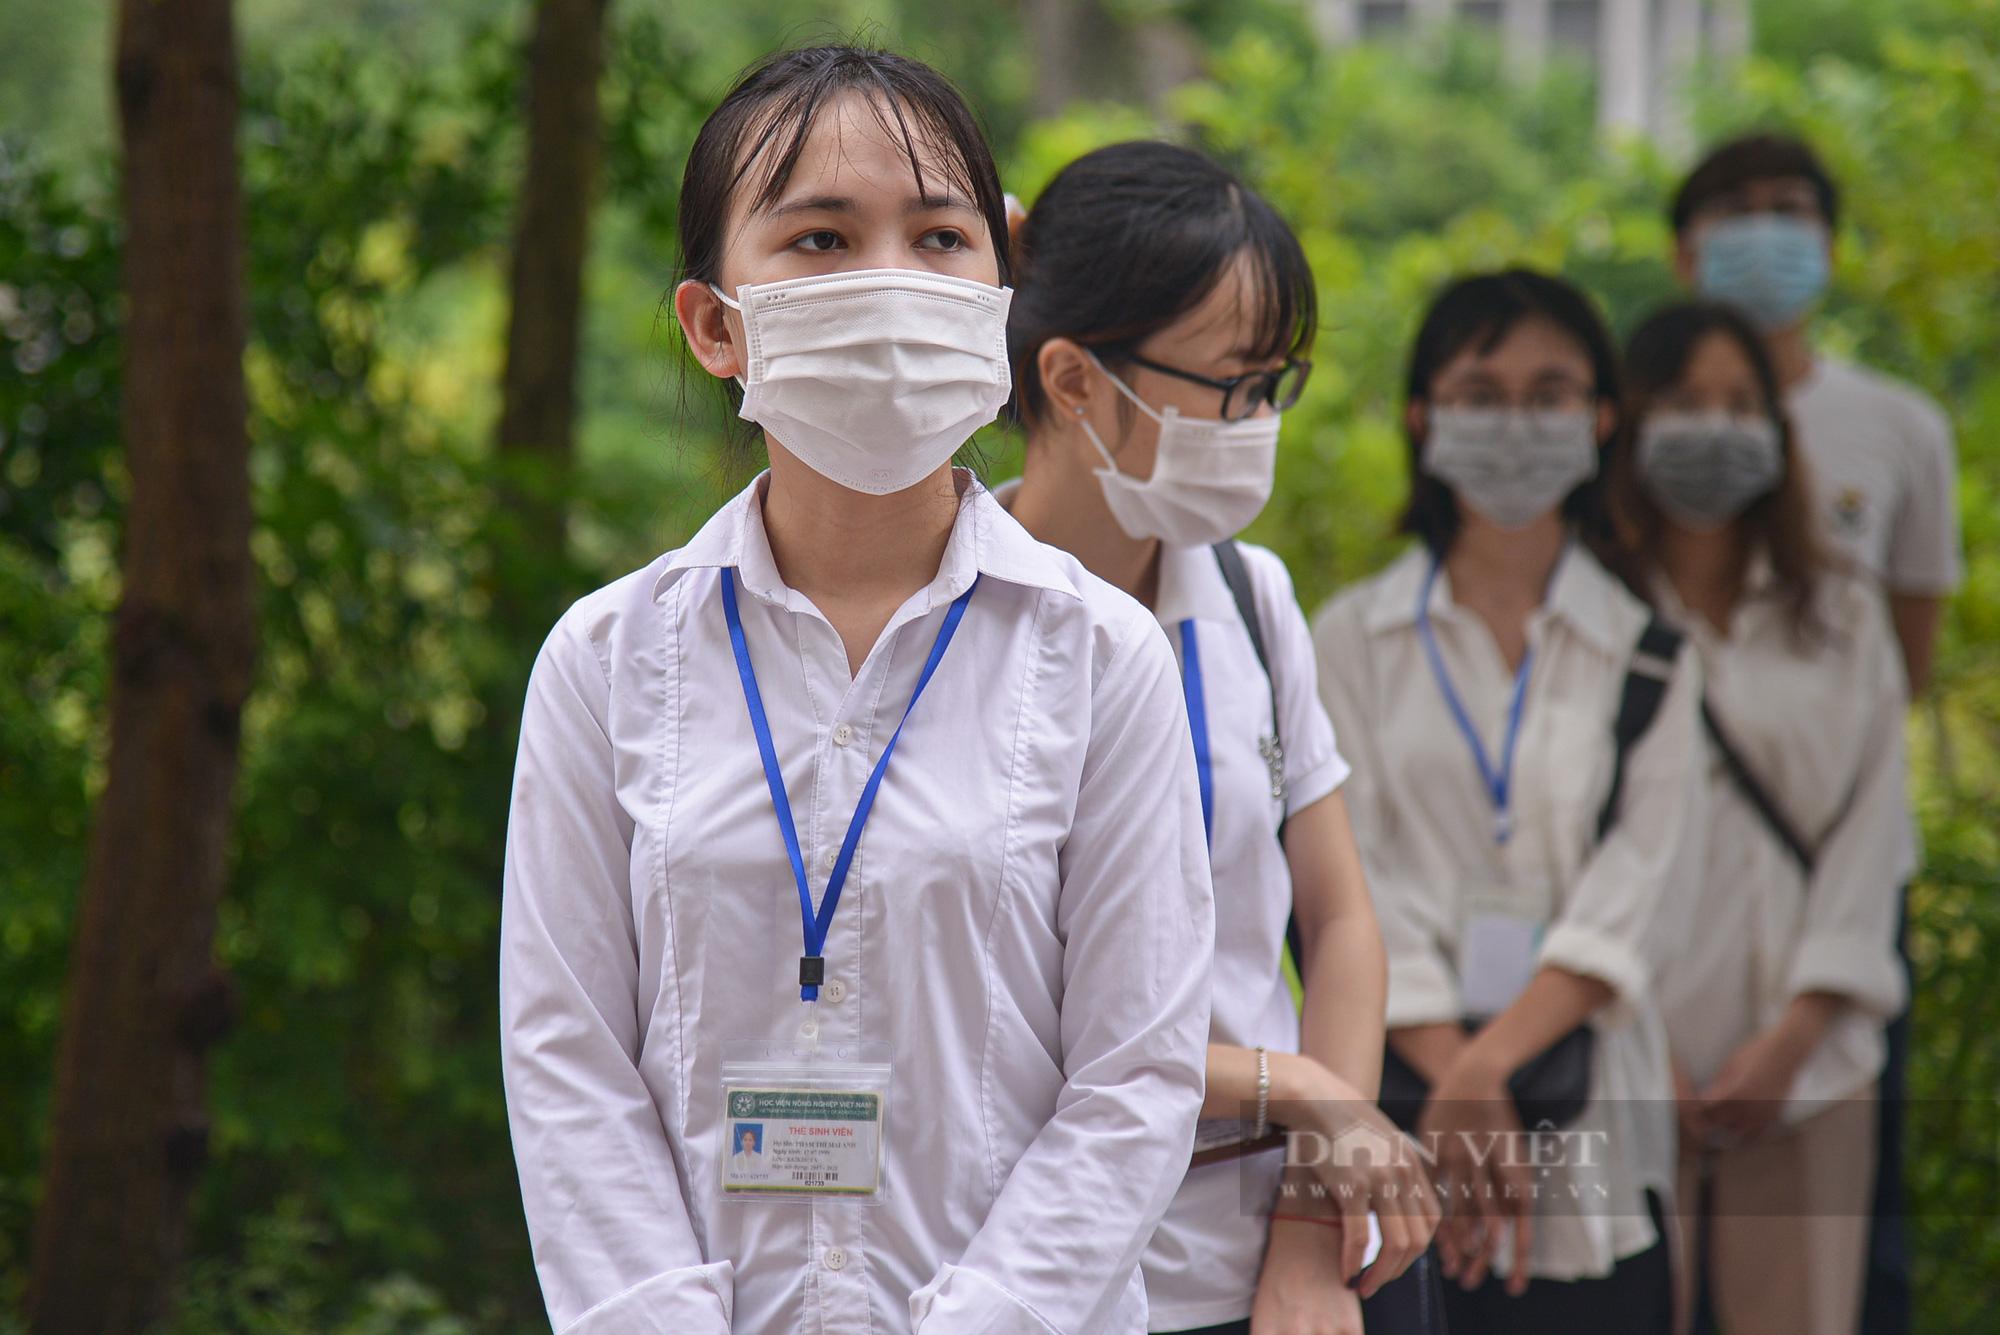 200 suất quà của bạn đọc Báo NTNN/Điện tử Dân Việt được trao đến tay sinh viên Học viện Nông nghiệp Việt Nam - Ảnh 10.